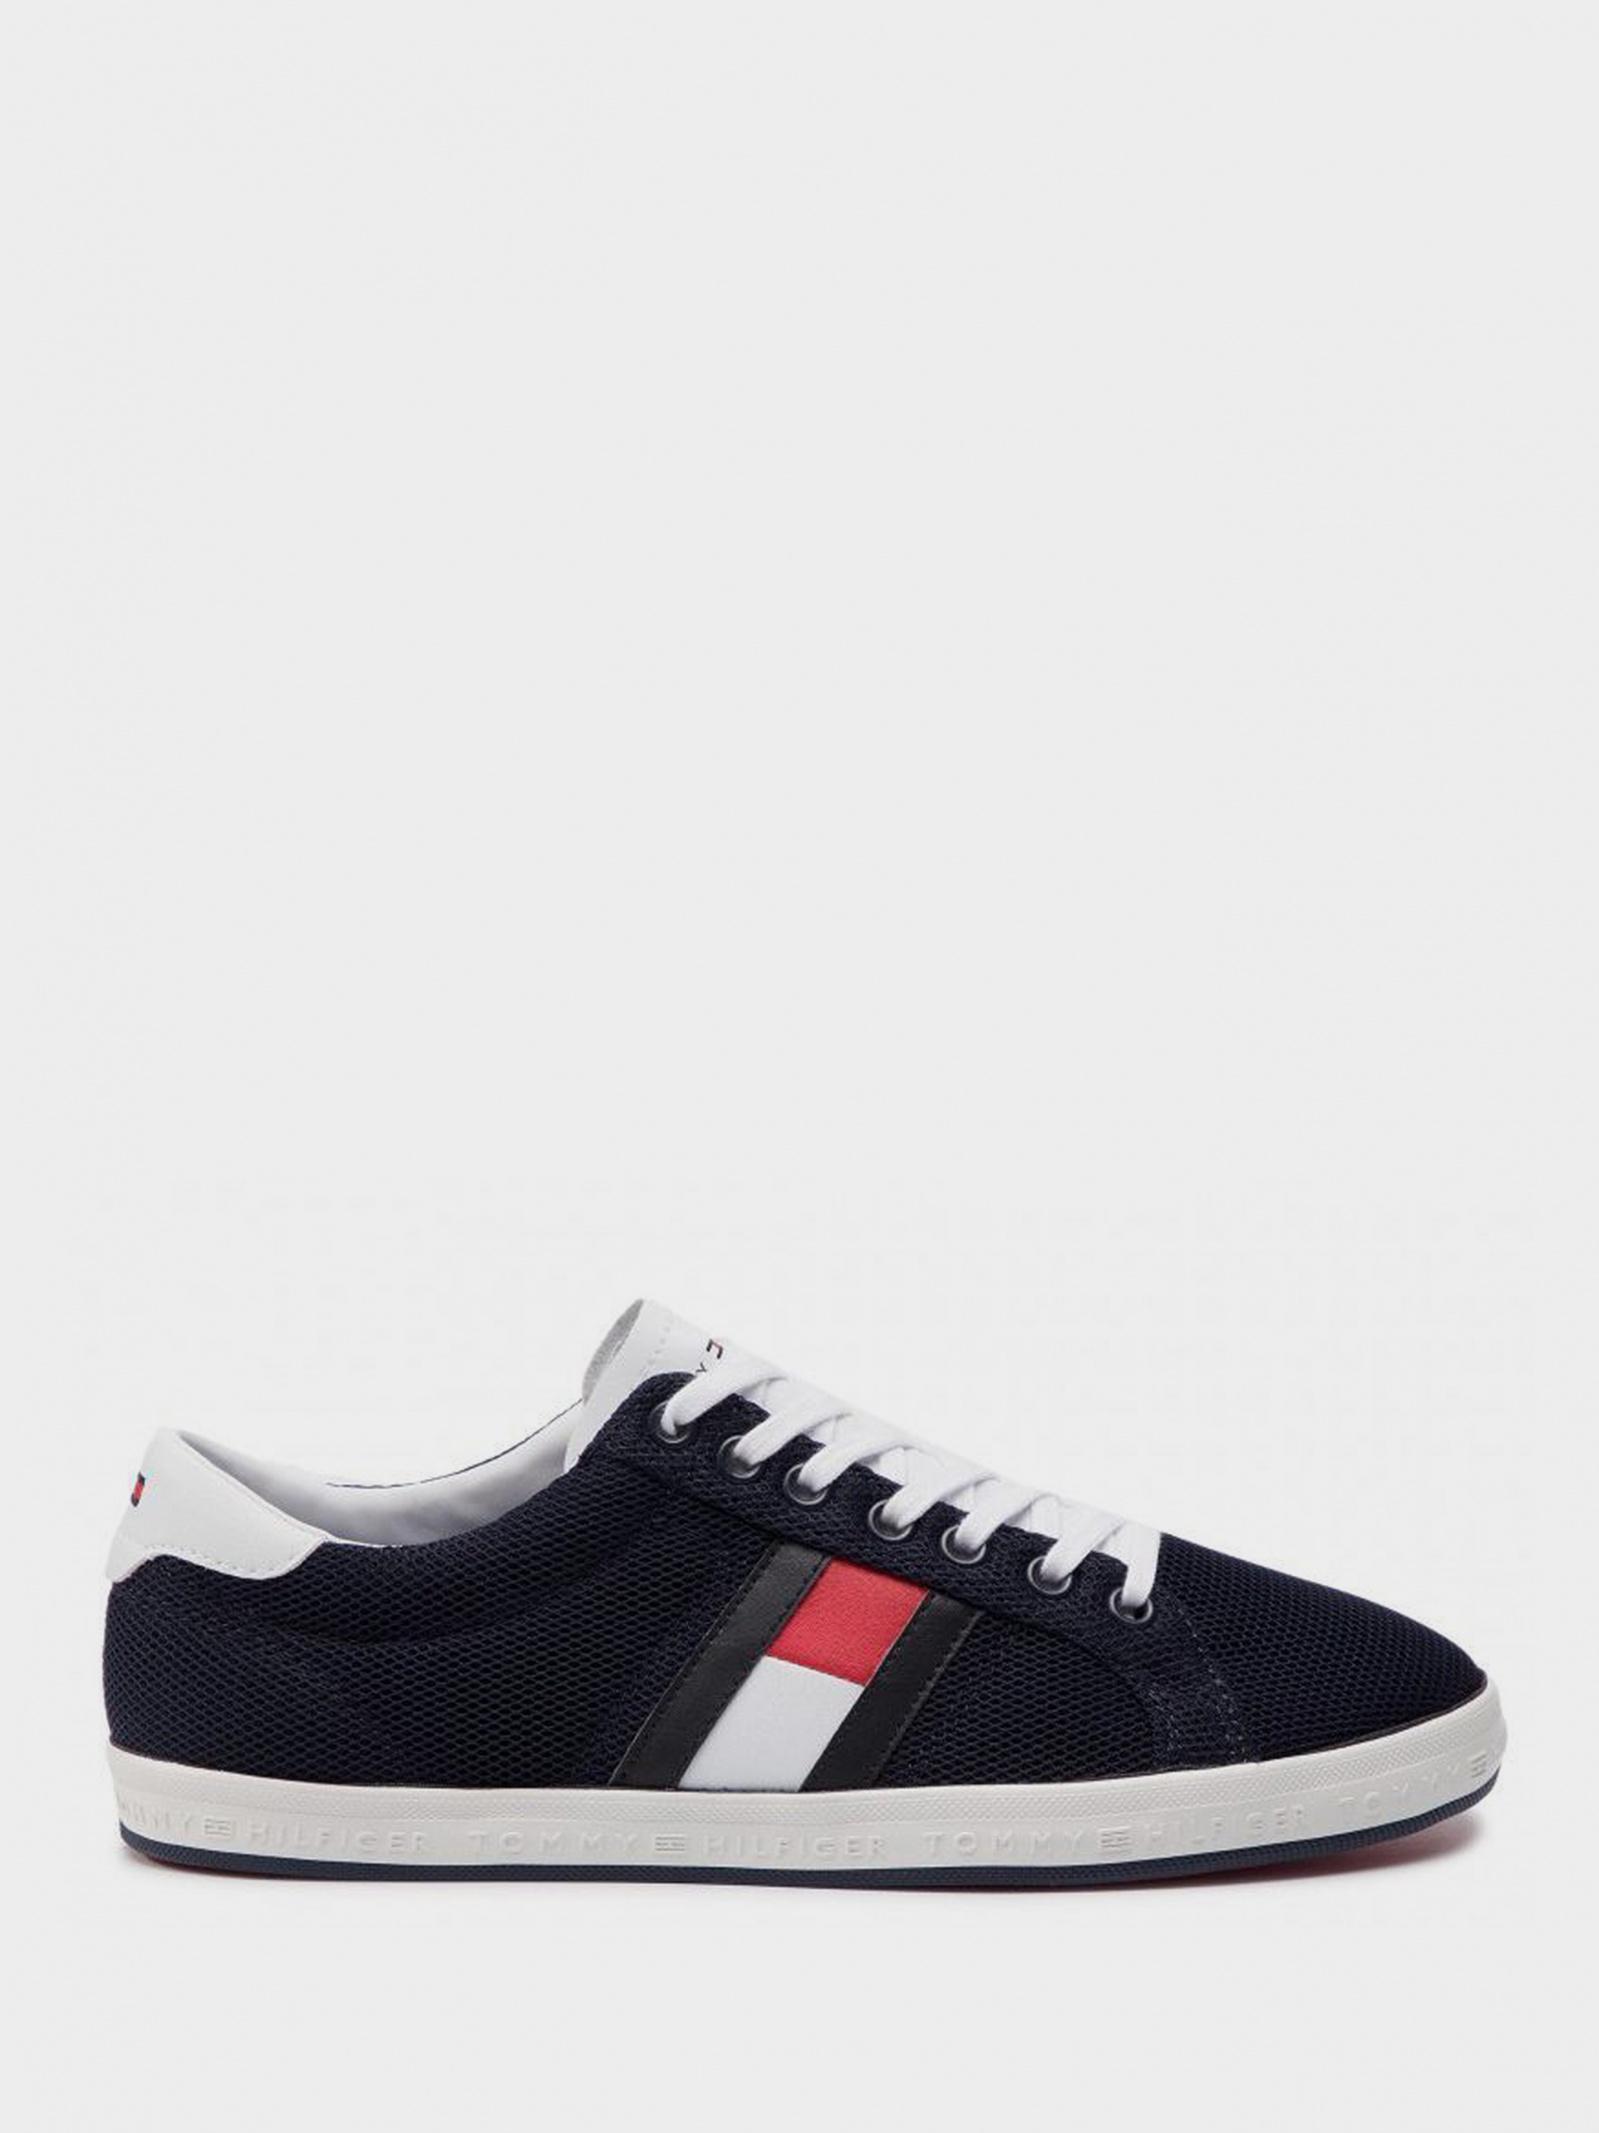 Полуботинки мужские Tommy Hilfiger TE902 купить обувь, 2017